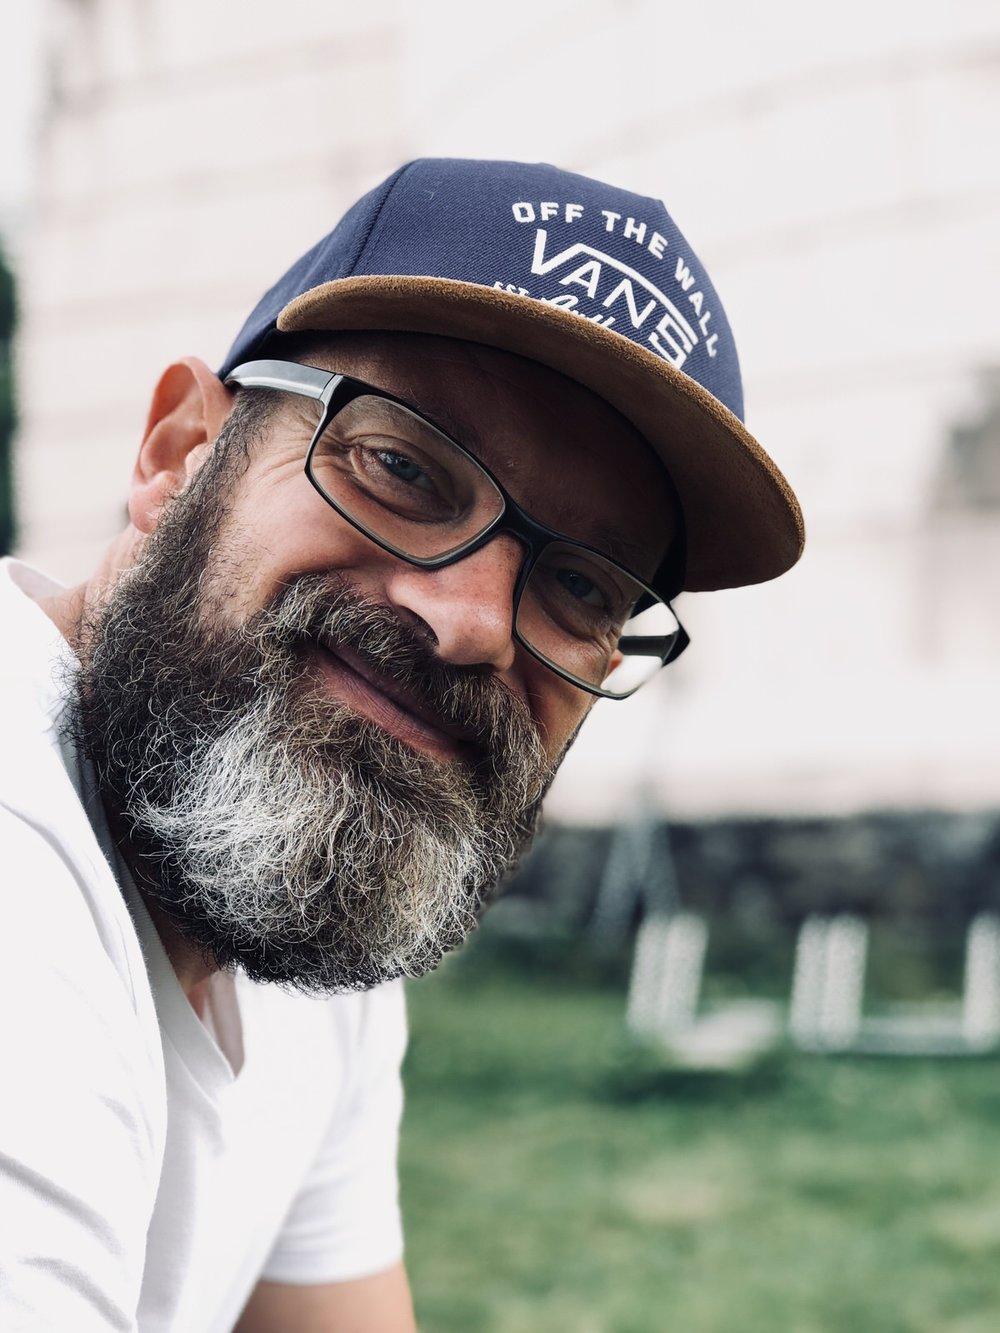 Heine Wieben Rasmussen, Bliss & Stars Founder, Astrophotographer